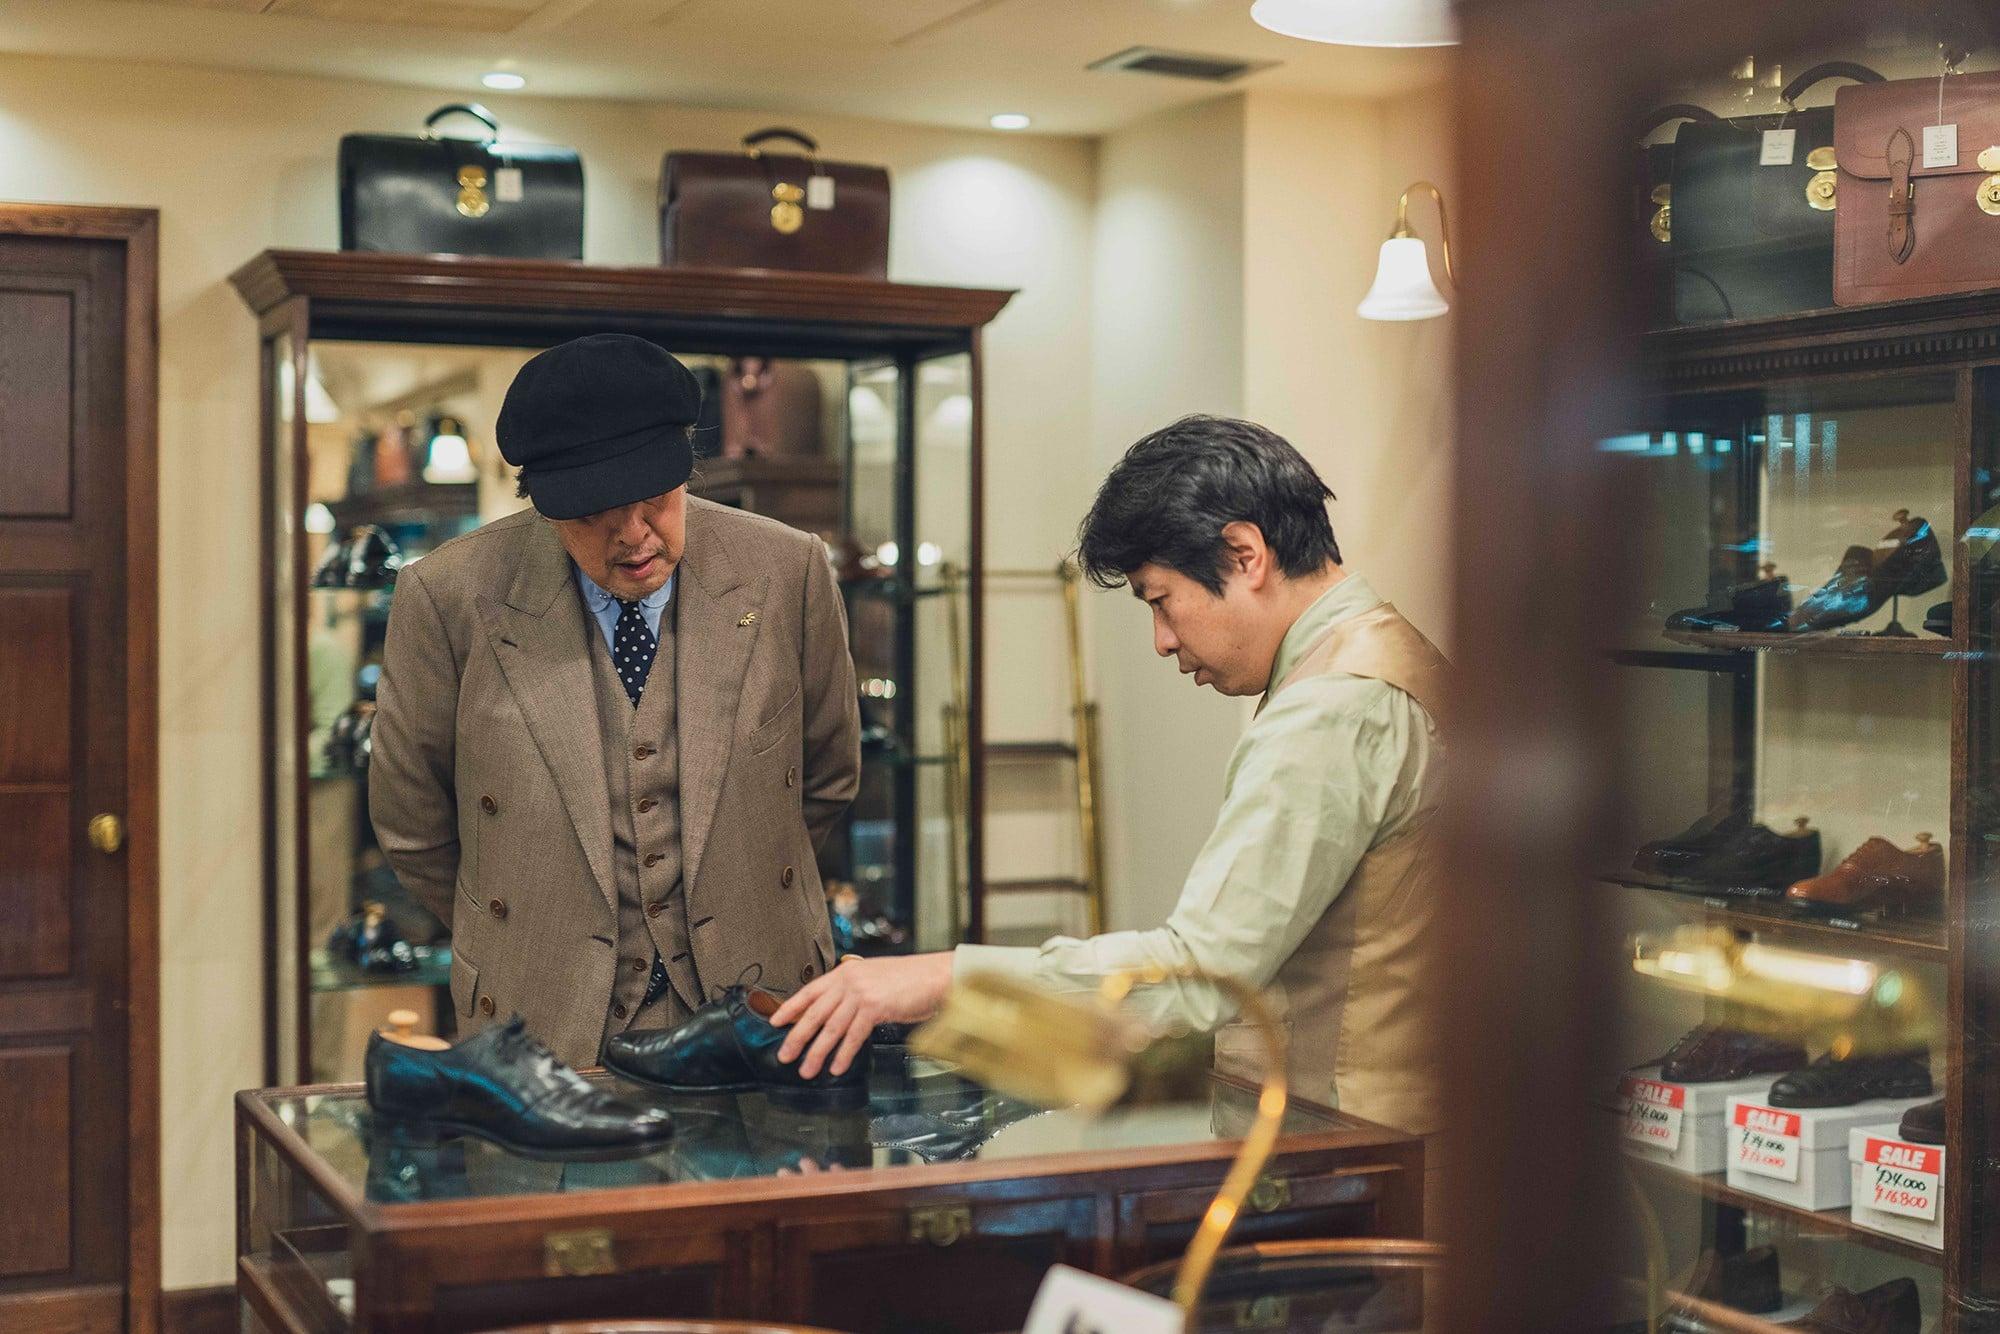 この日、青柳さんは別のモデル、キングストンも持参。浦上さんとは30数年来のつきあいとあって、靴にまつわる昔話に花が咲く。